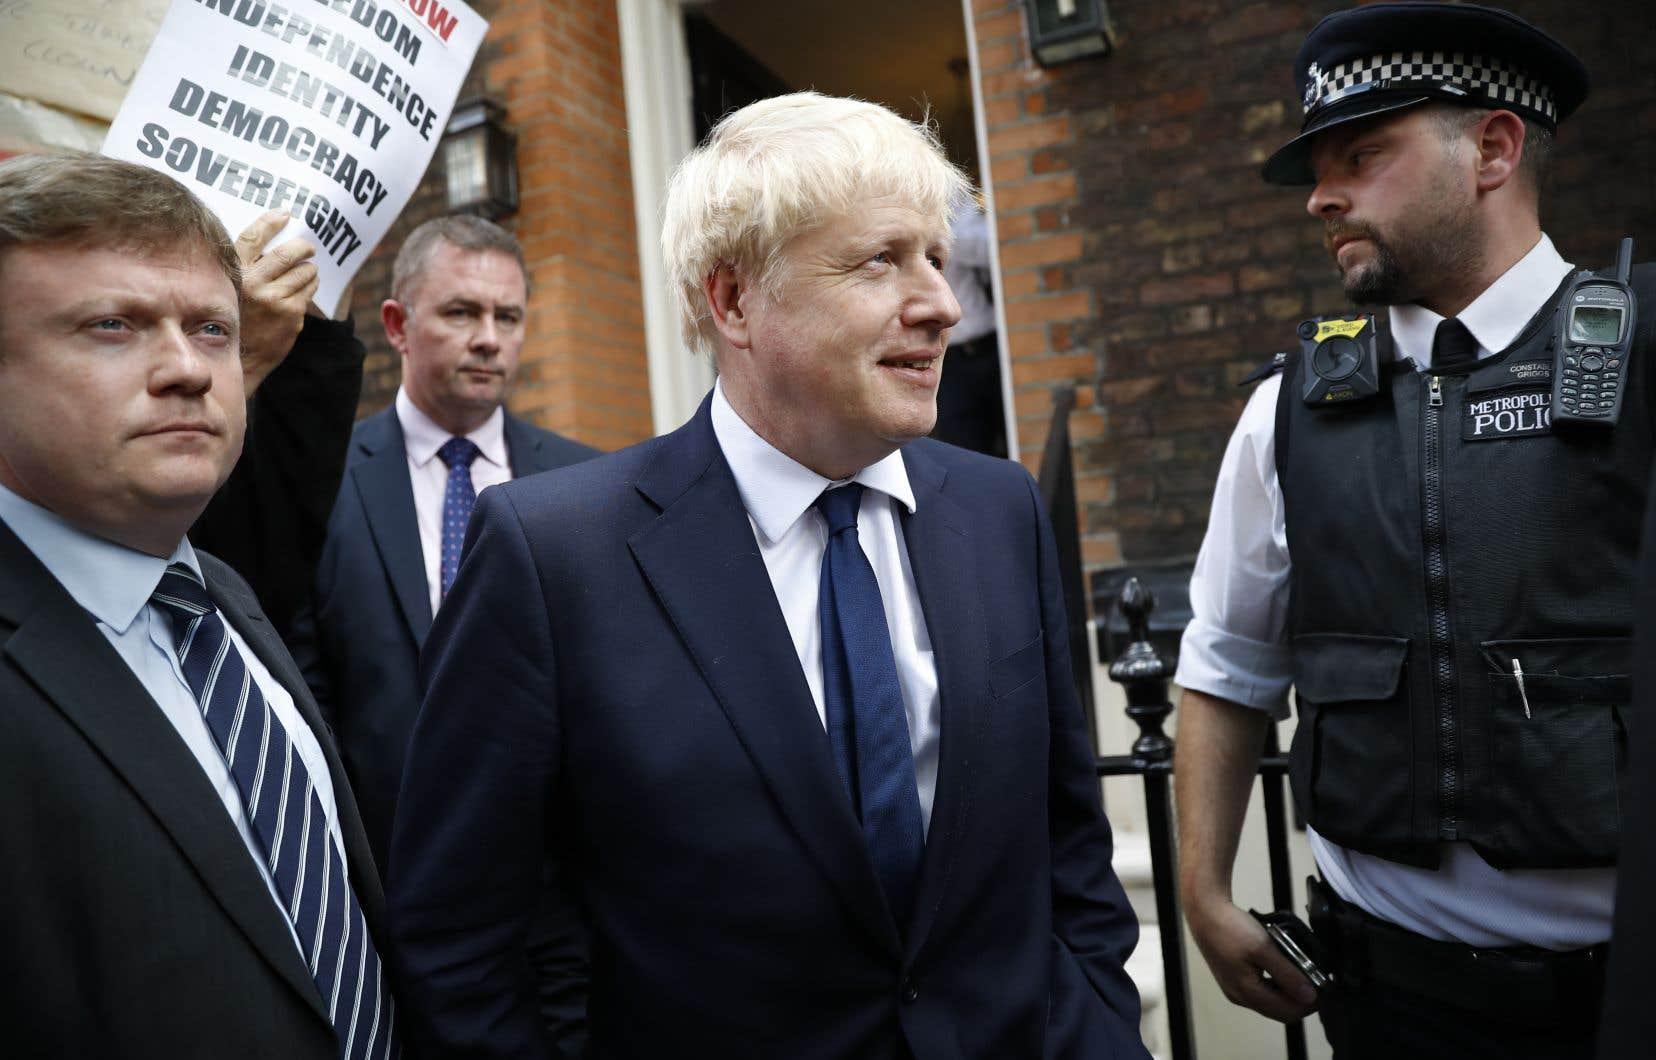 Populaire auprès des militants en raison de son humour et de ses excentricités, Boris Johnson suscite en revanche une profonde inimitié chez les adversaires du Brexit.